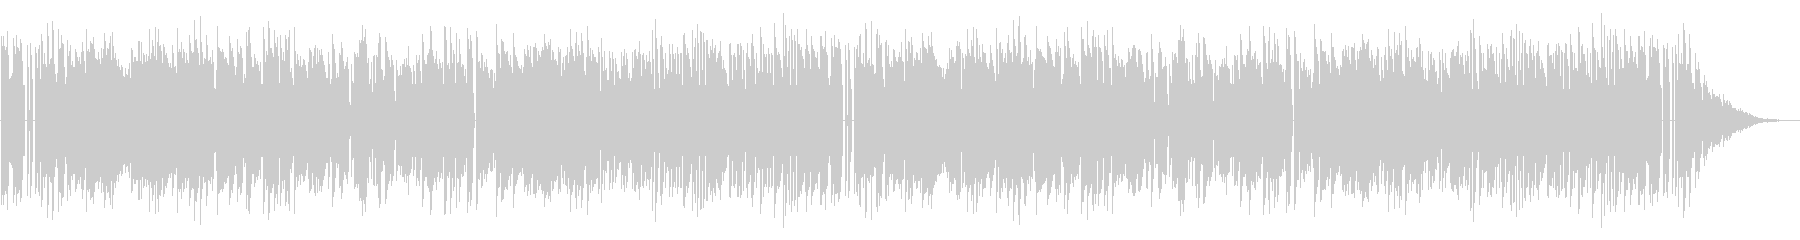 NES STG C02-1(ステージ1)の未再生の波形